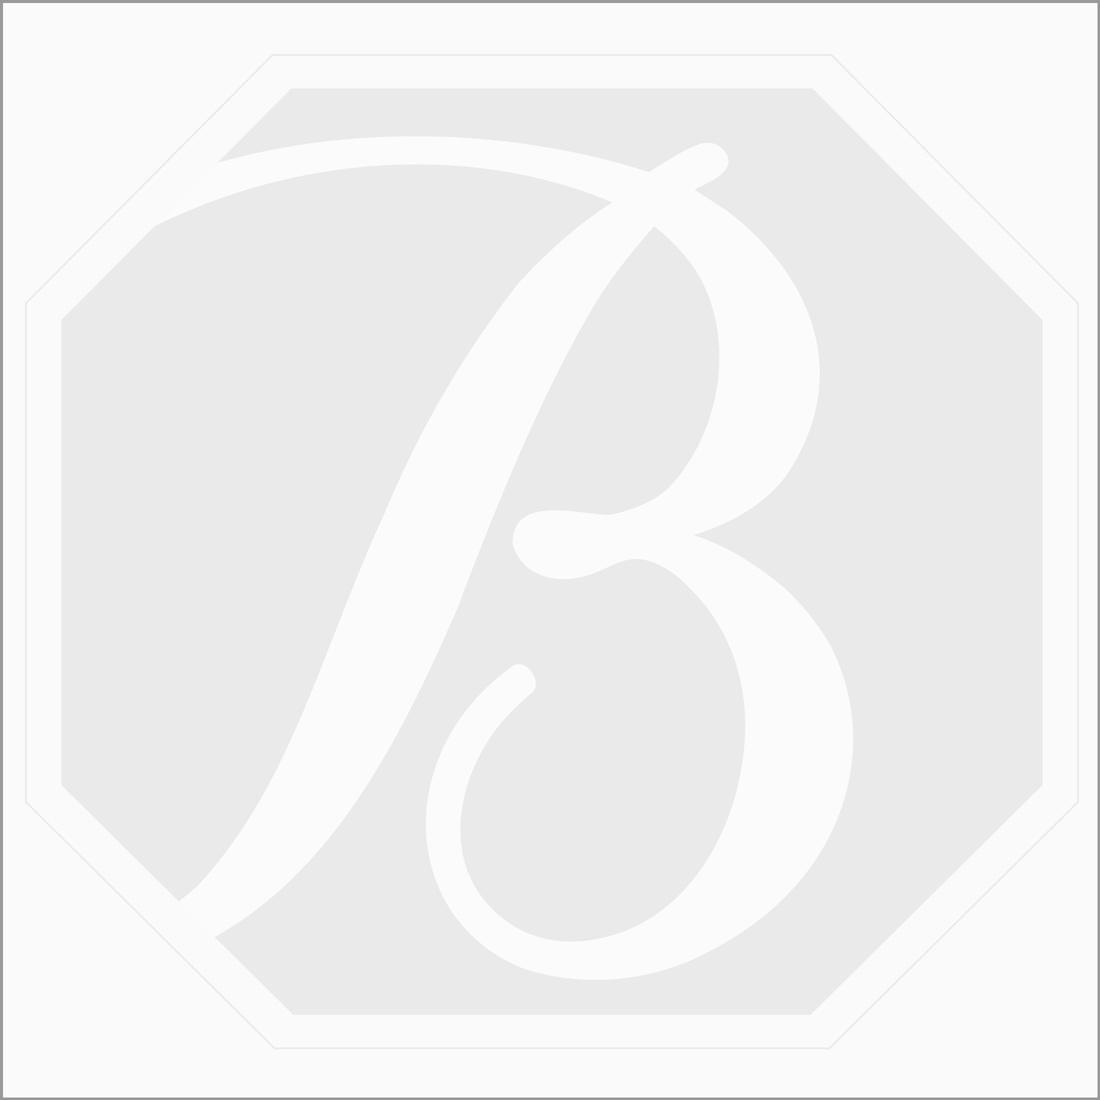 Multi Sapphire Briolettes - 1 Line - 74.00 carats - 17 inches - (MSDF1012)